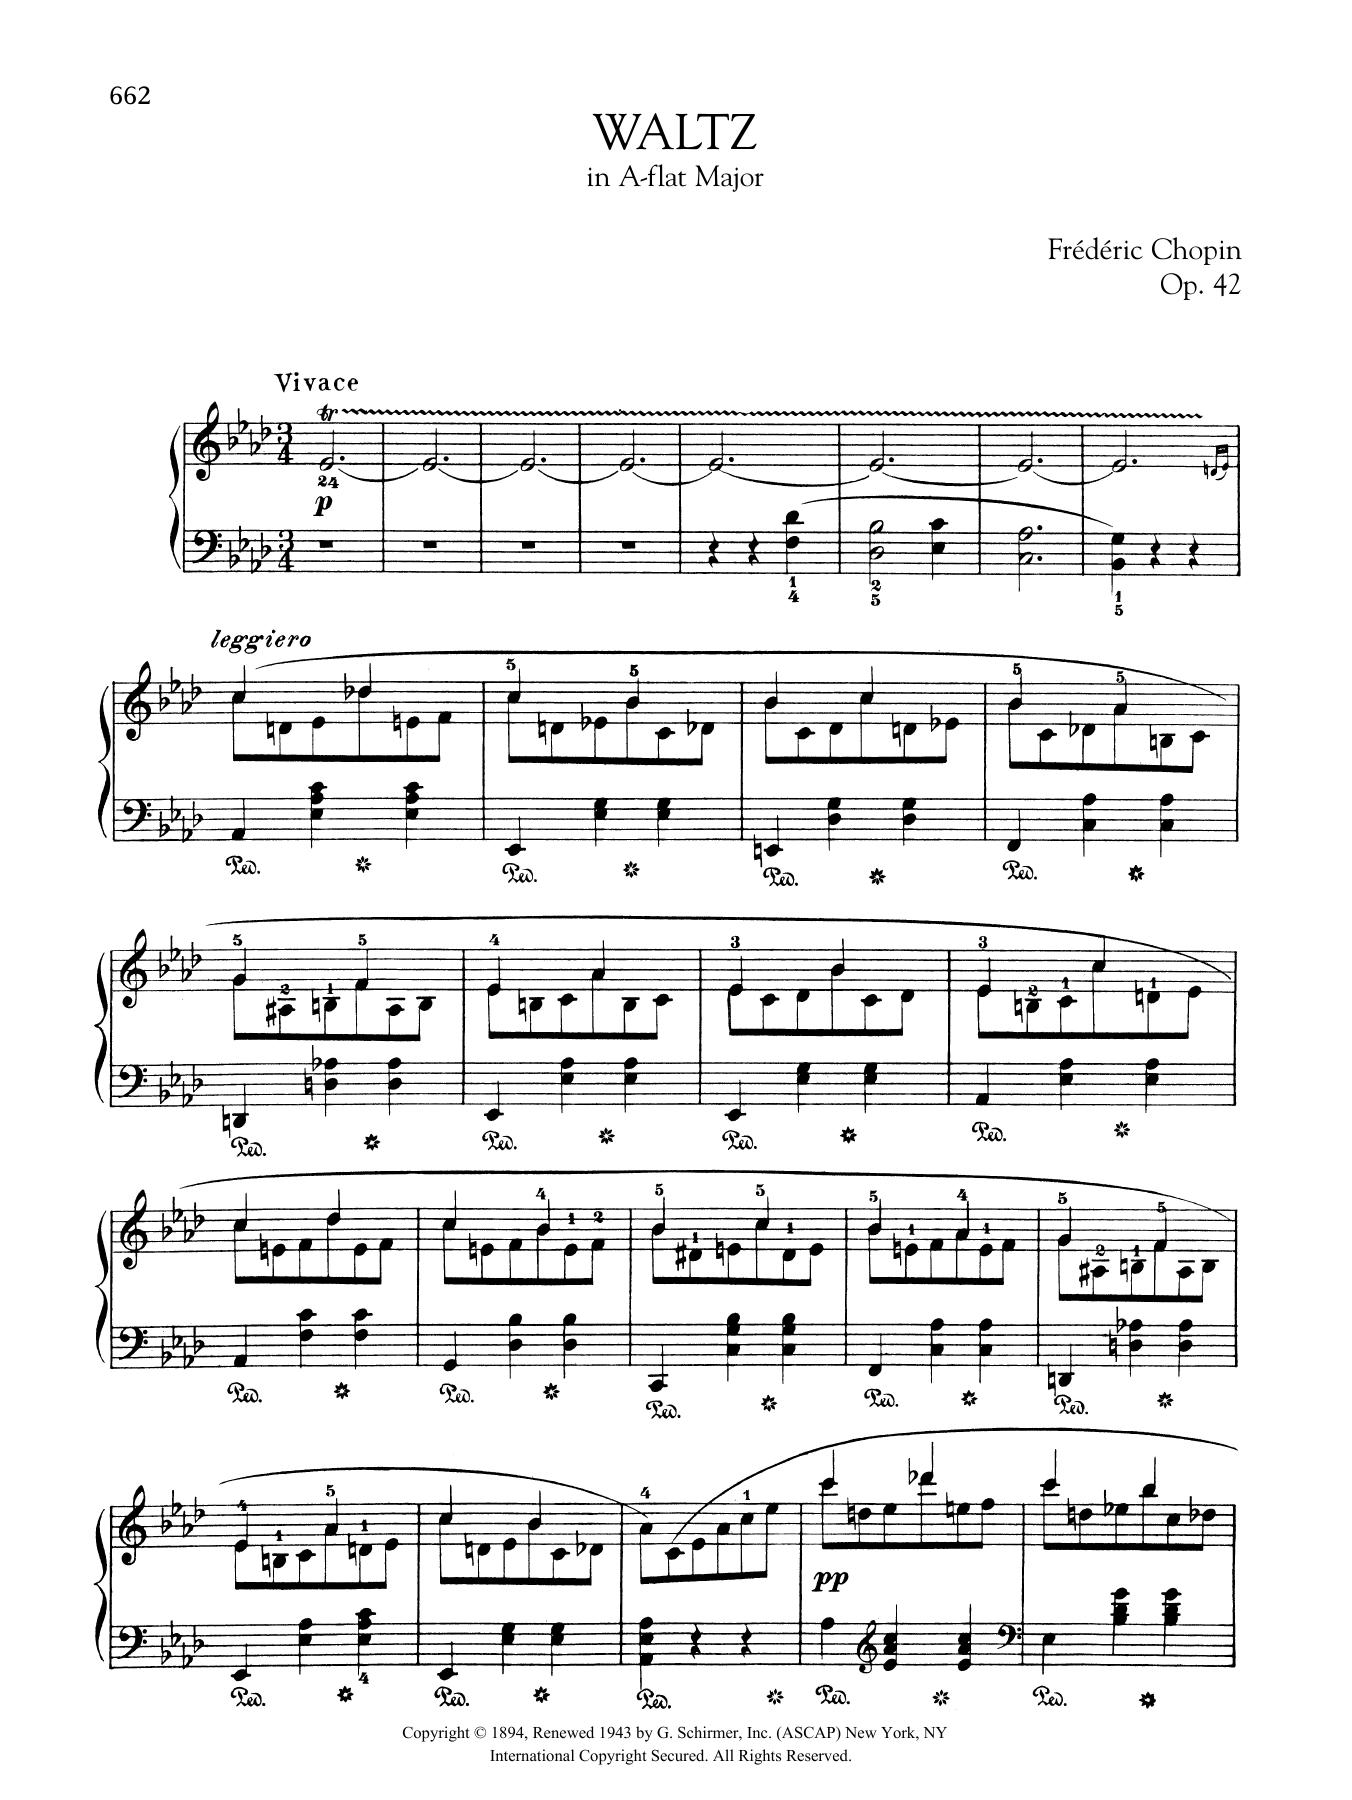 Waltz in A-flat Major, Op. 42 Sheet Music